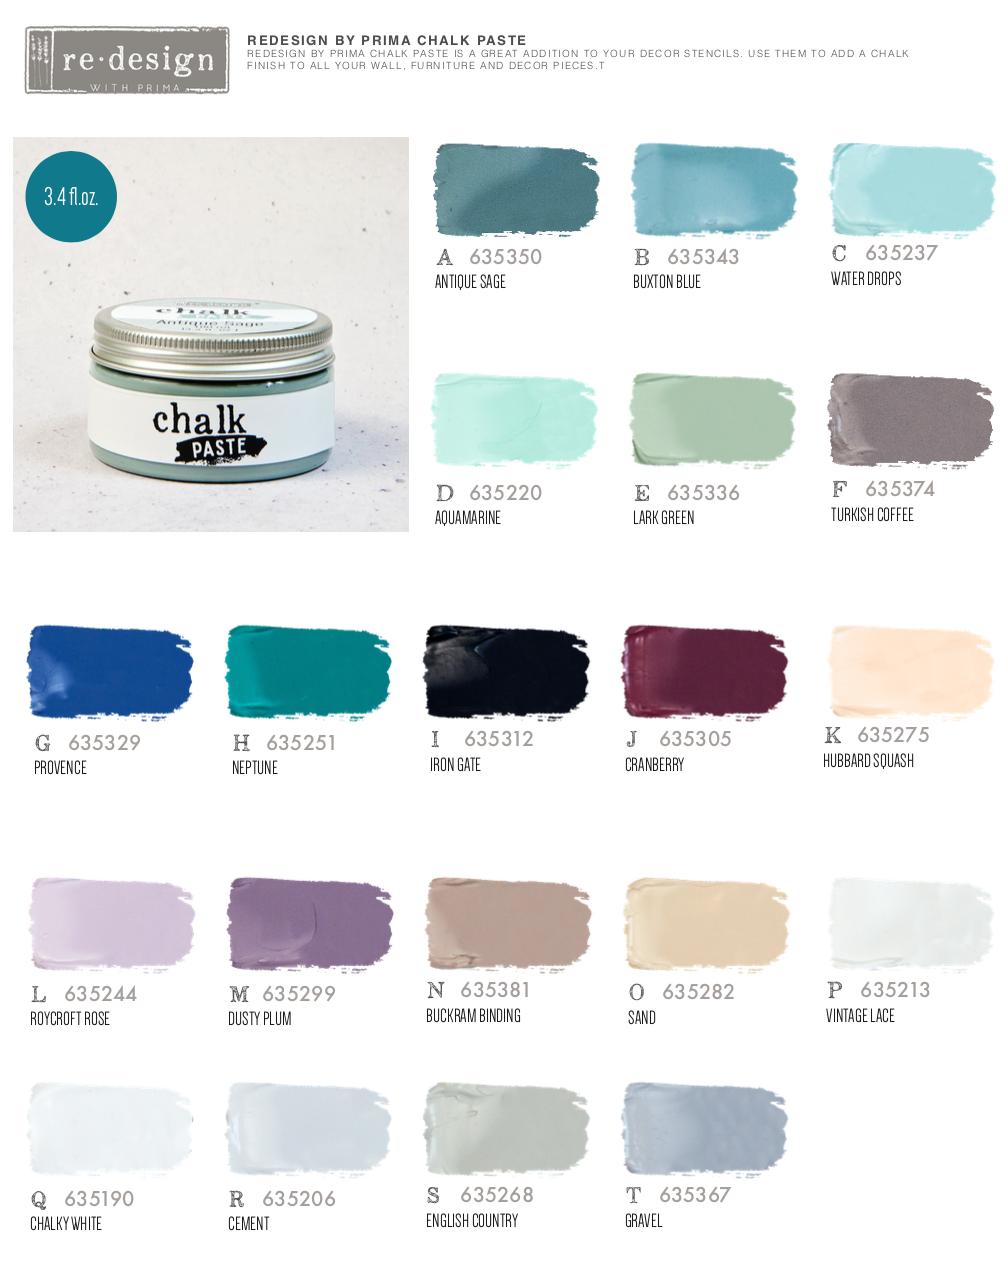 Redesign Chalk Paste